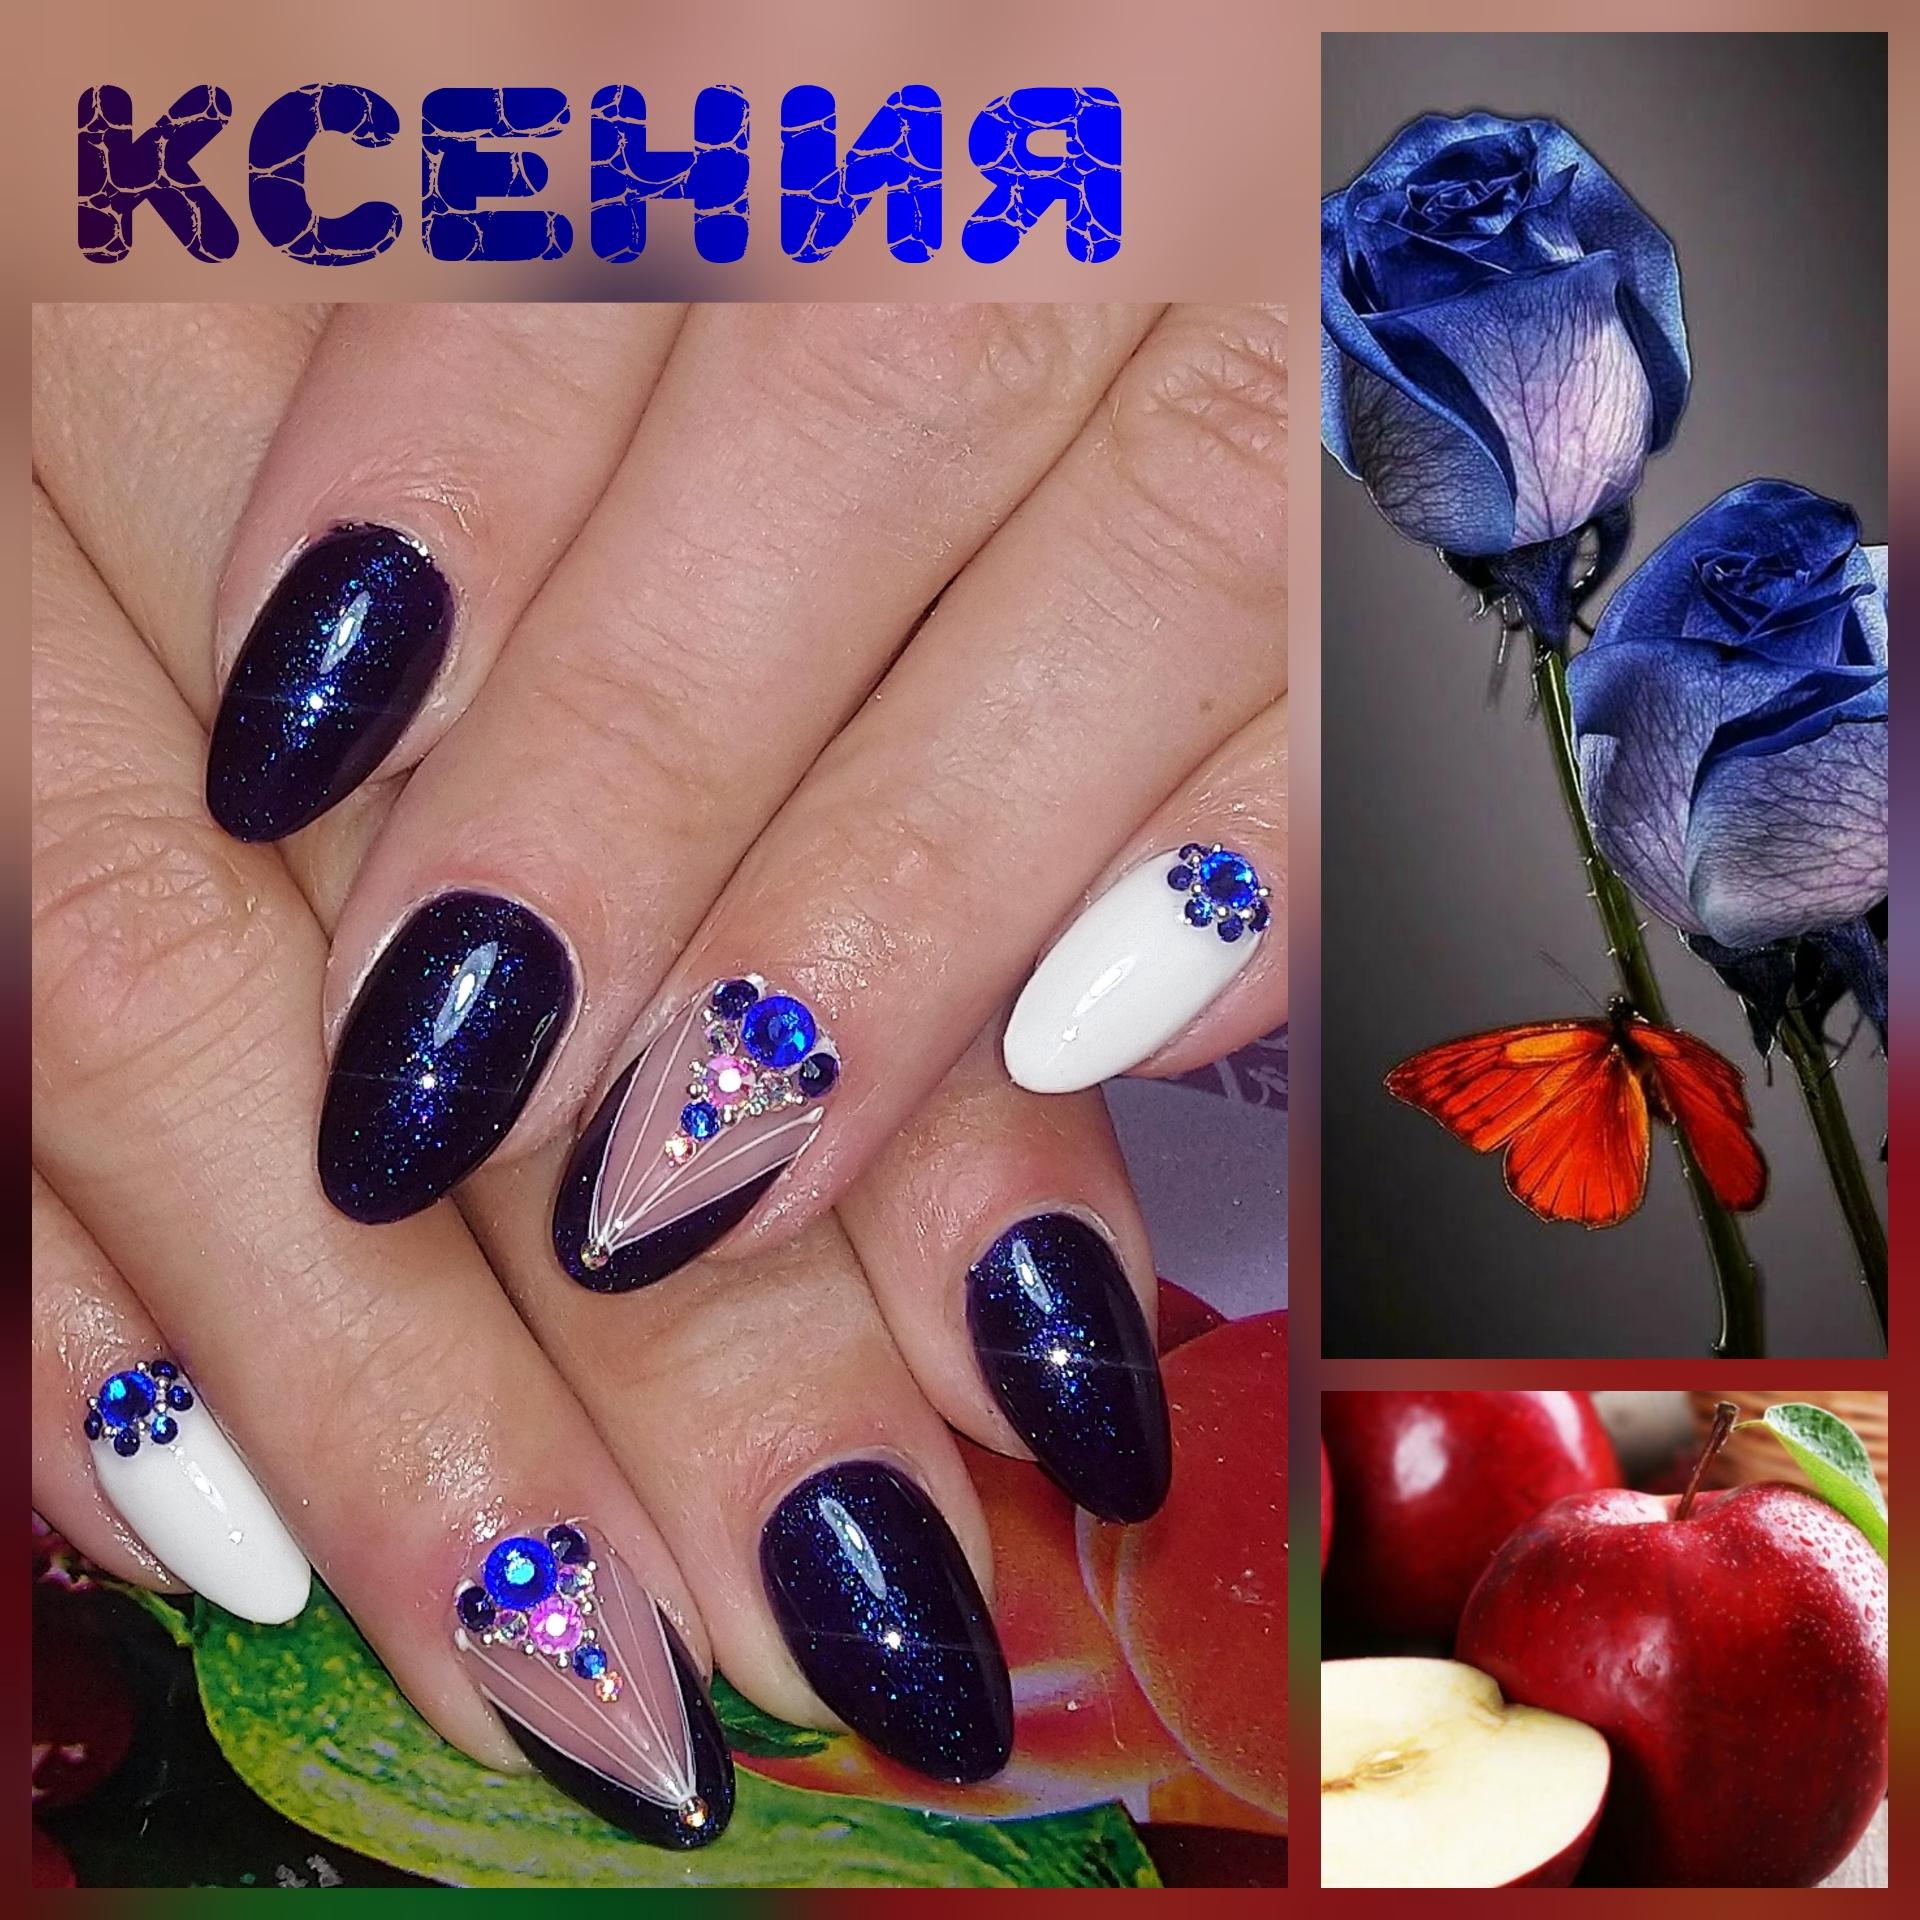 Маникюр в тёмно-синем цвете с нюдовым дизайном и цветными стразами.